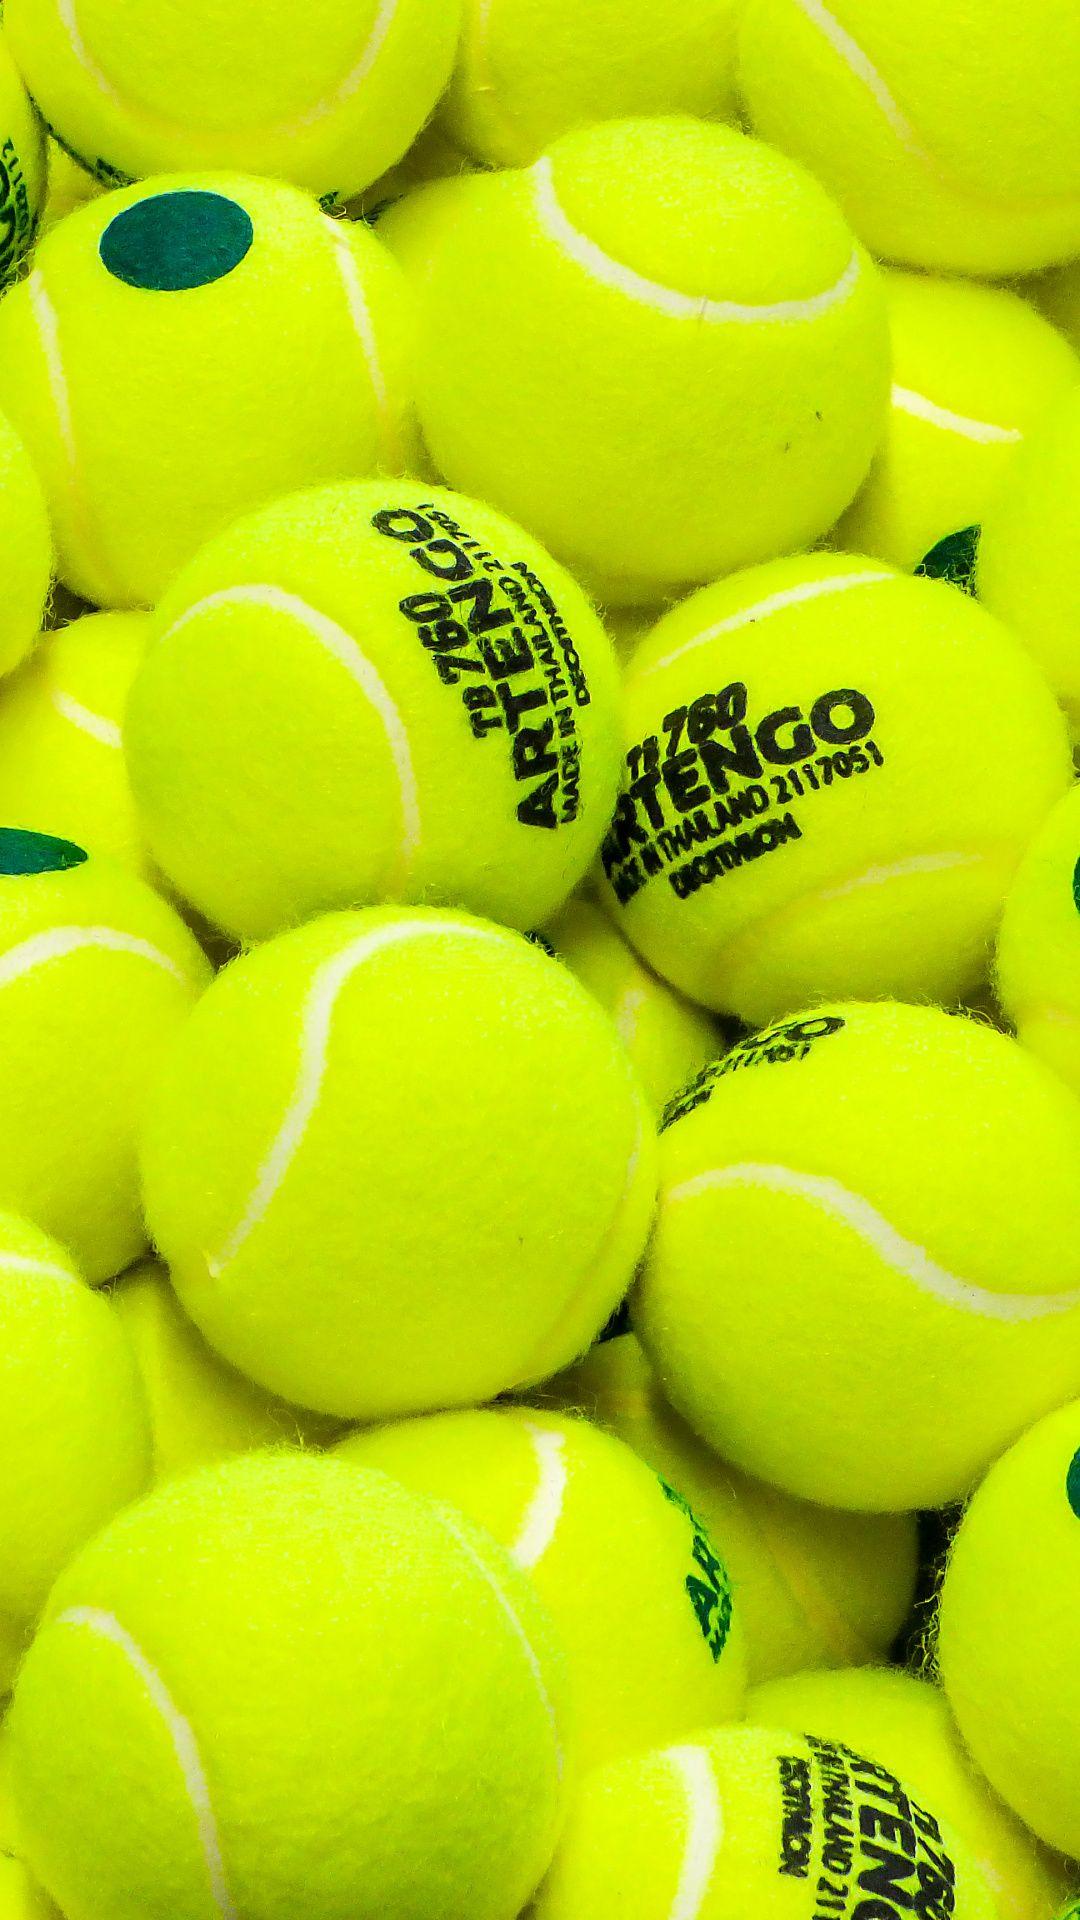 Wallpapers Tennis Centre Tennis Ball Racket Tennis Balls Rackets Tennis Wallpaper Tennis Center Tennis